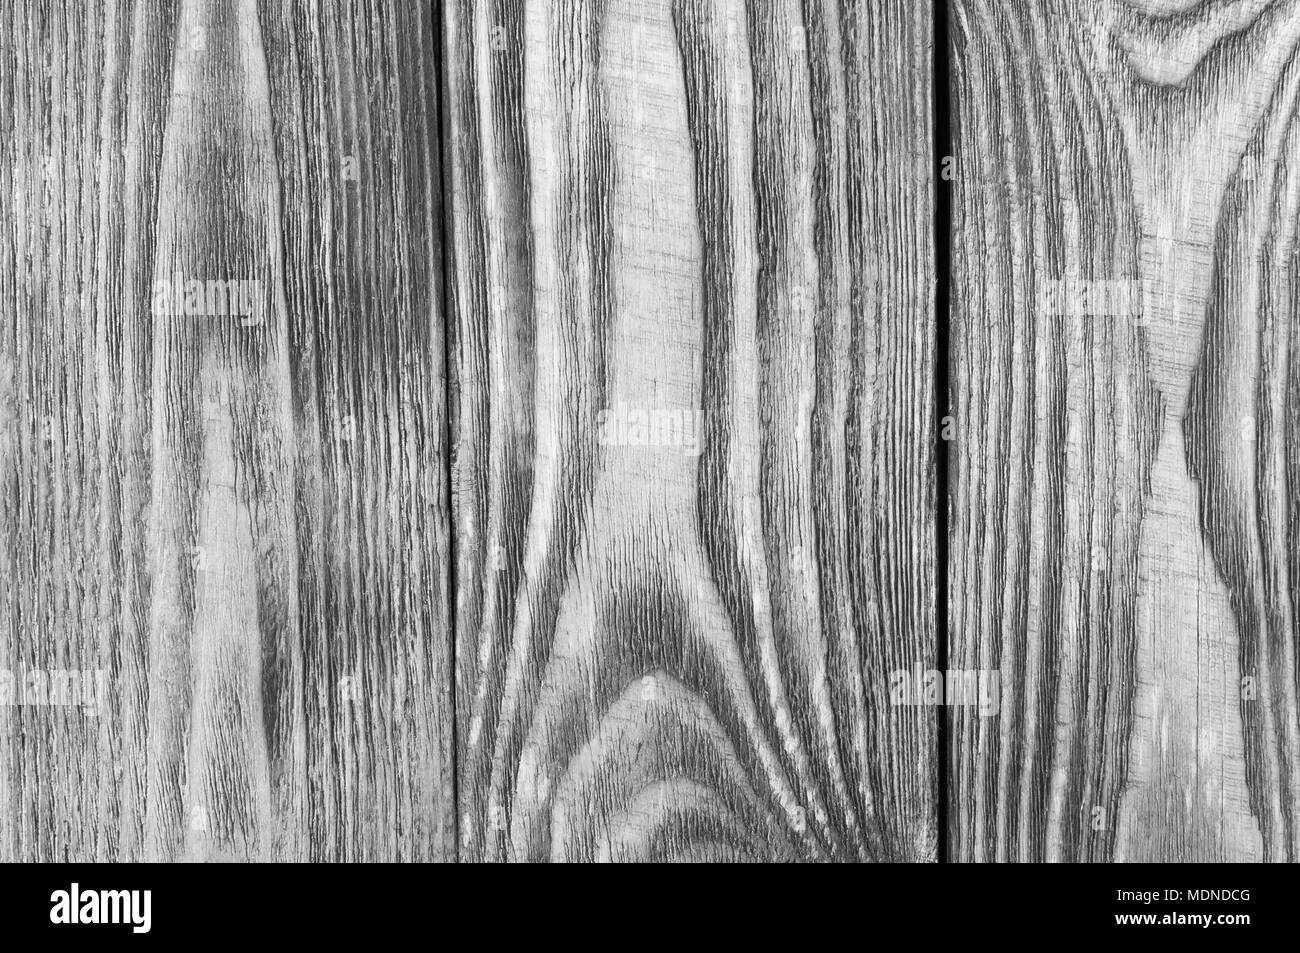 Arriere Plan De Texture En Noir Et Blanc A Partir De Planches De Bois Photo Stock Alamy